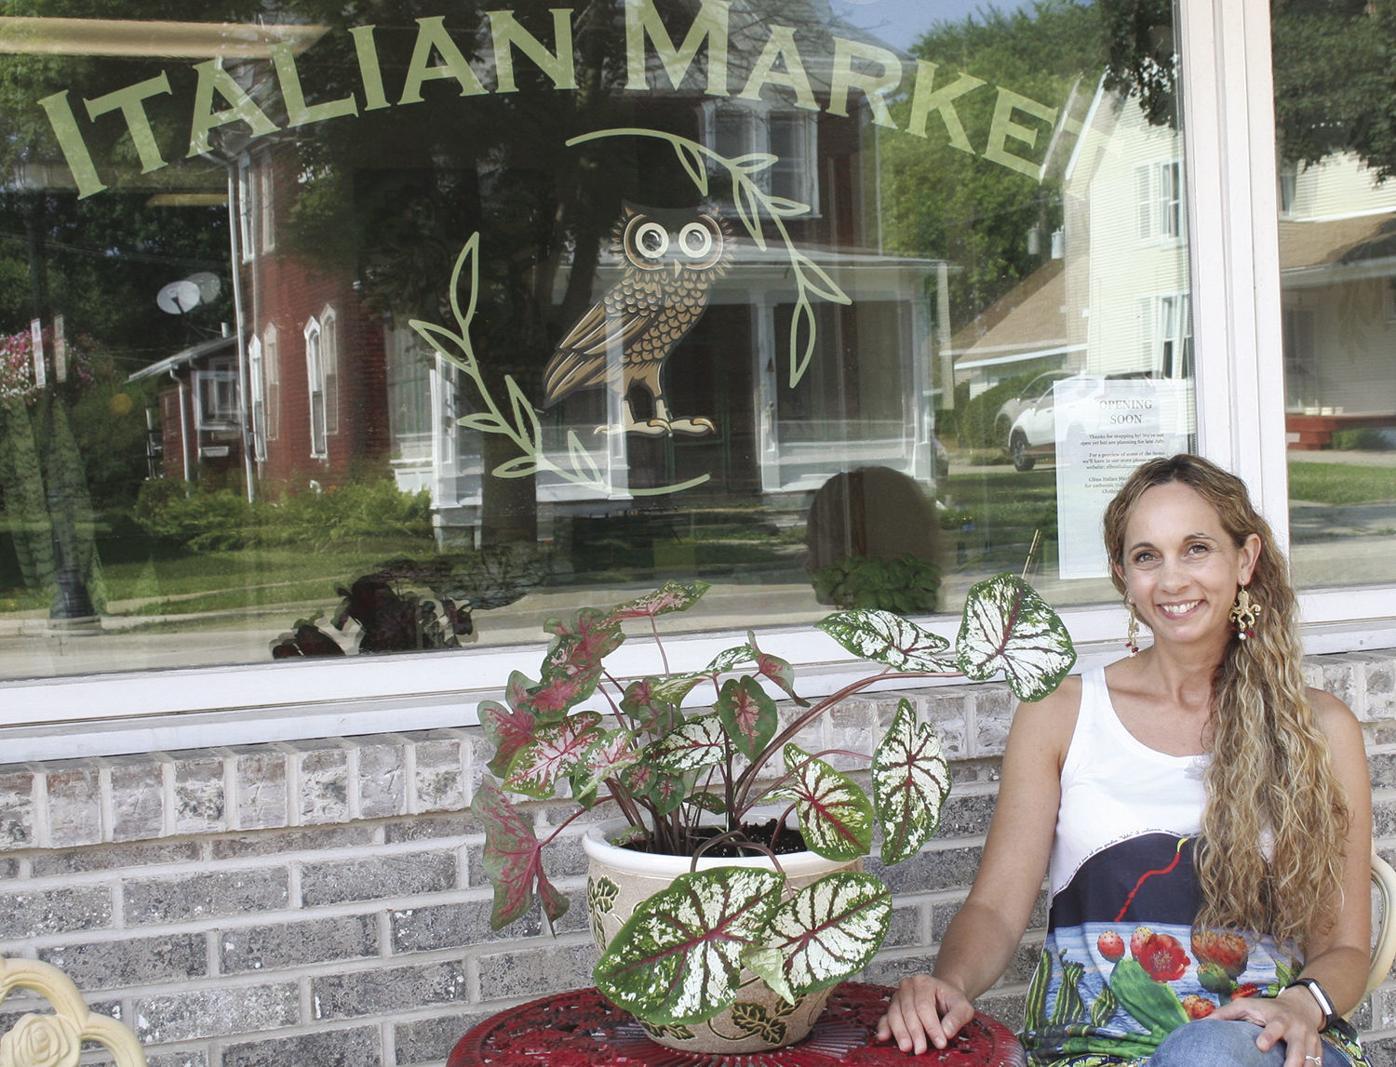 Cibus Italian Market